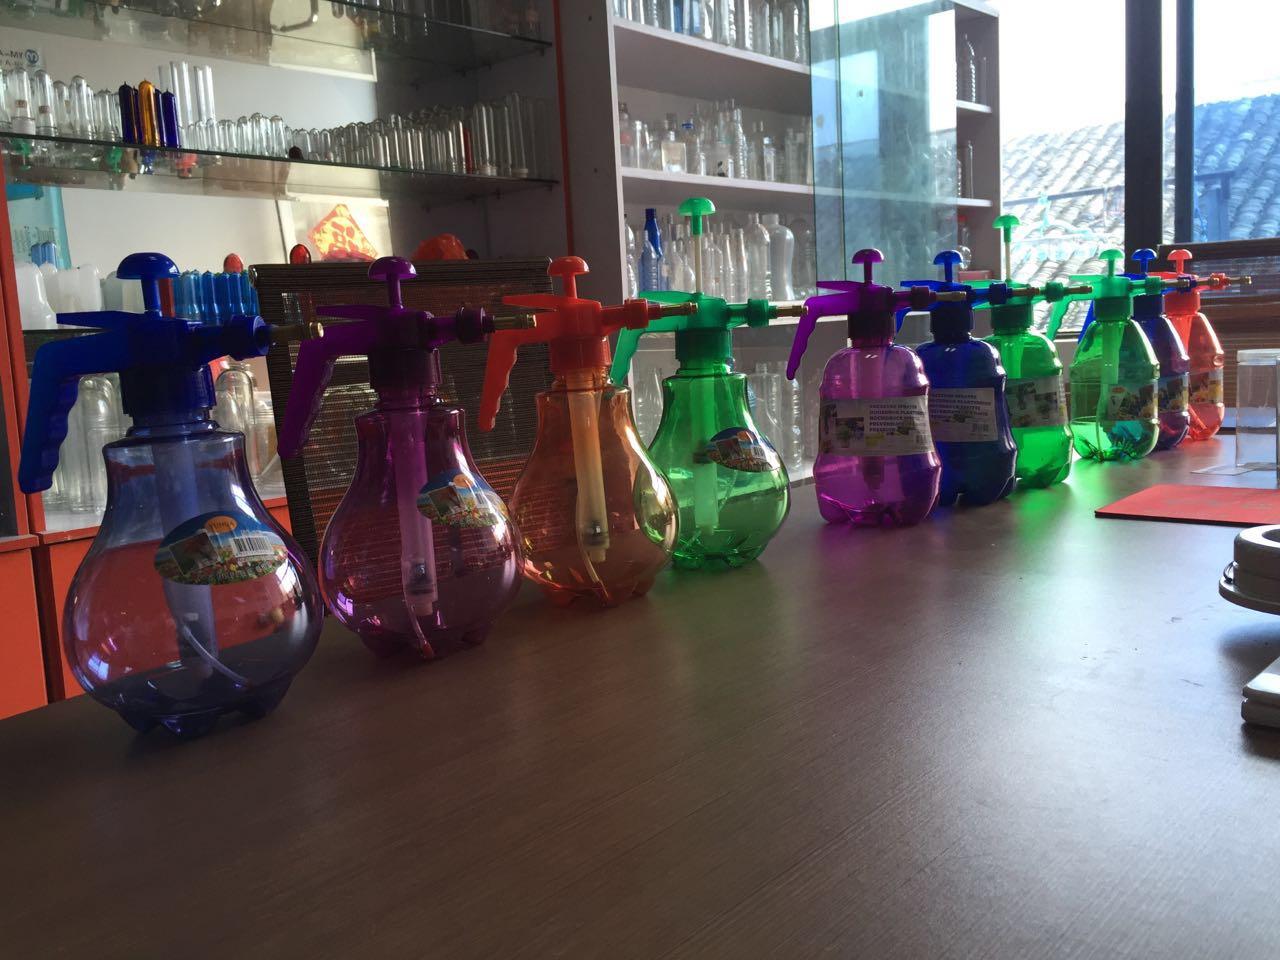 酒精瓶 消毒液瓶 洗手液瓶 喷壶  生产各种塑料瓶全自动机器  YM-AB5000-2-190-Z